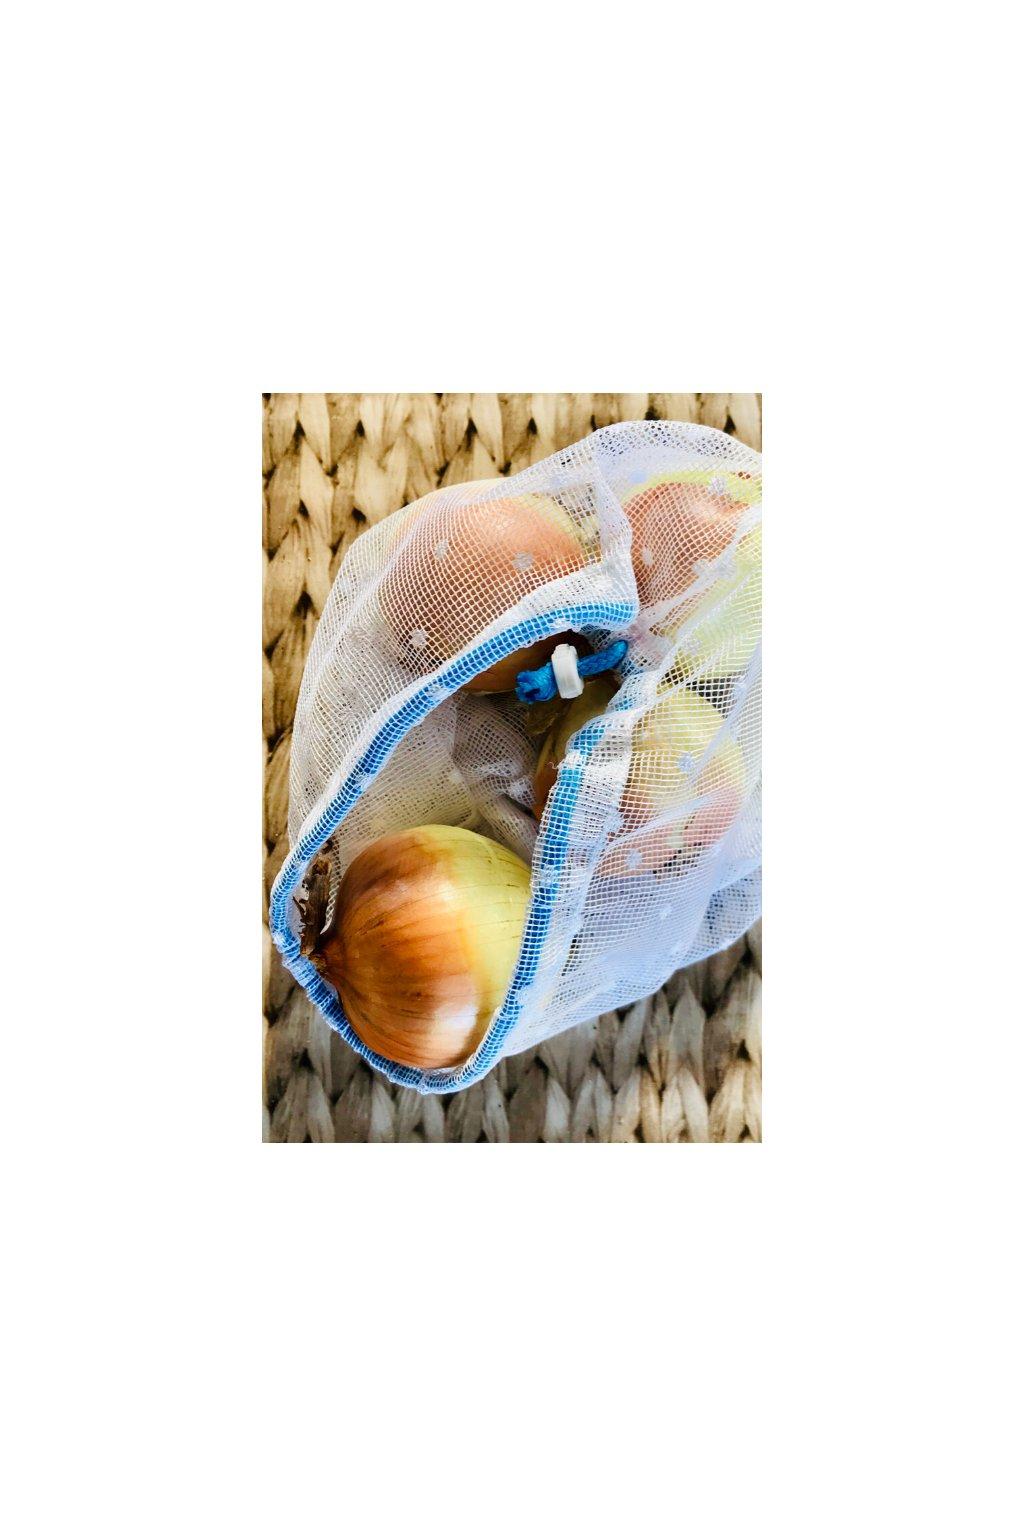 priehľadné záclonové sieťové vrecko na ovocie, zeleninu a pečivo pre zerowaste nakupovanie bez obalu - Vreckonos